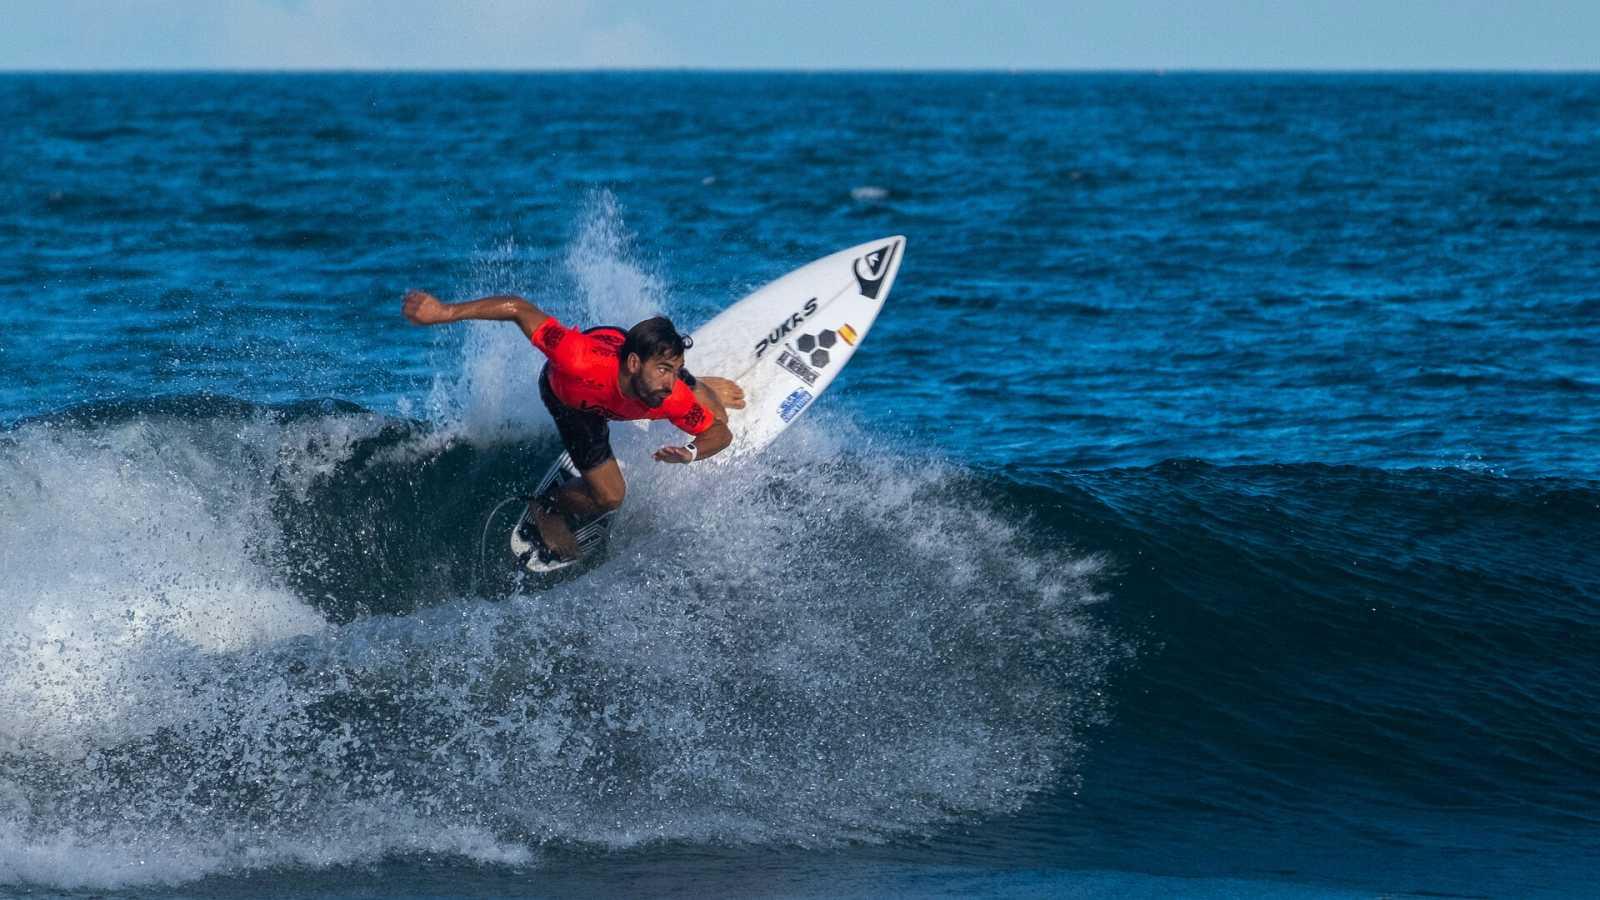 Por tres razones - Los surfistas españoles que podrían ser olímpicos - 27/04/21 - escuchar ahora